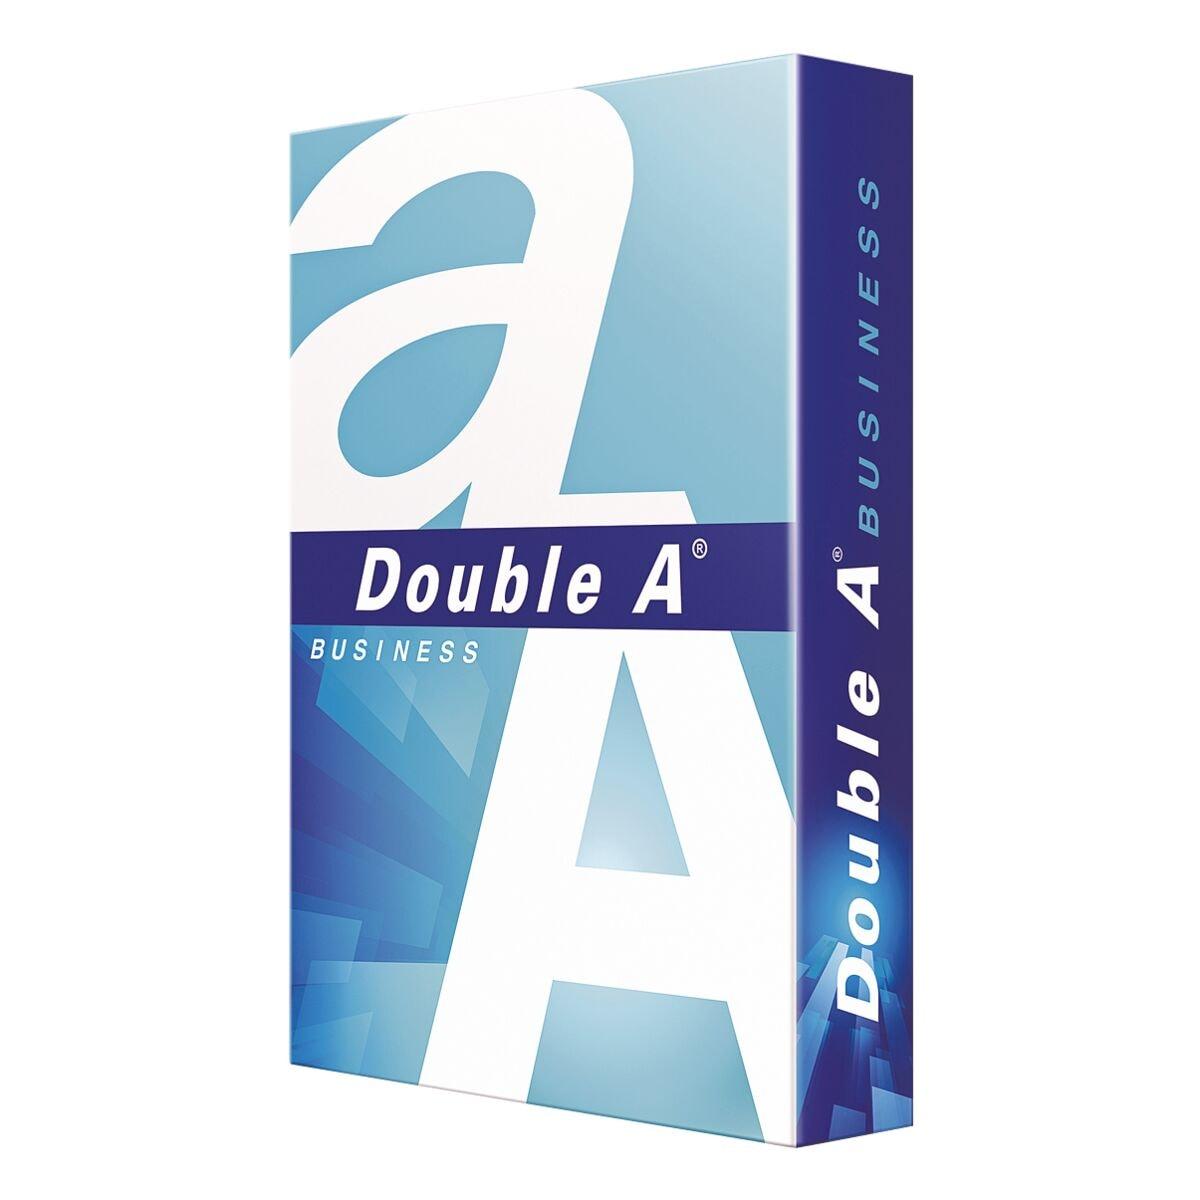 Kopierpapier A4 Double A Business - 500 Blatt gesamt, 75g/qm